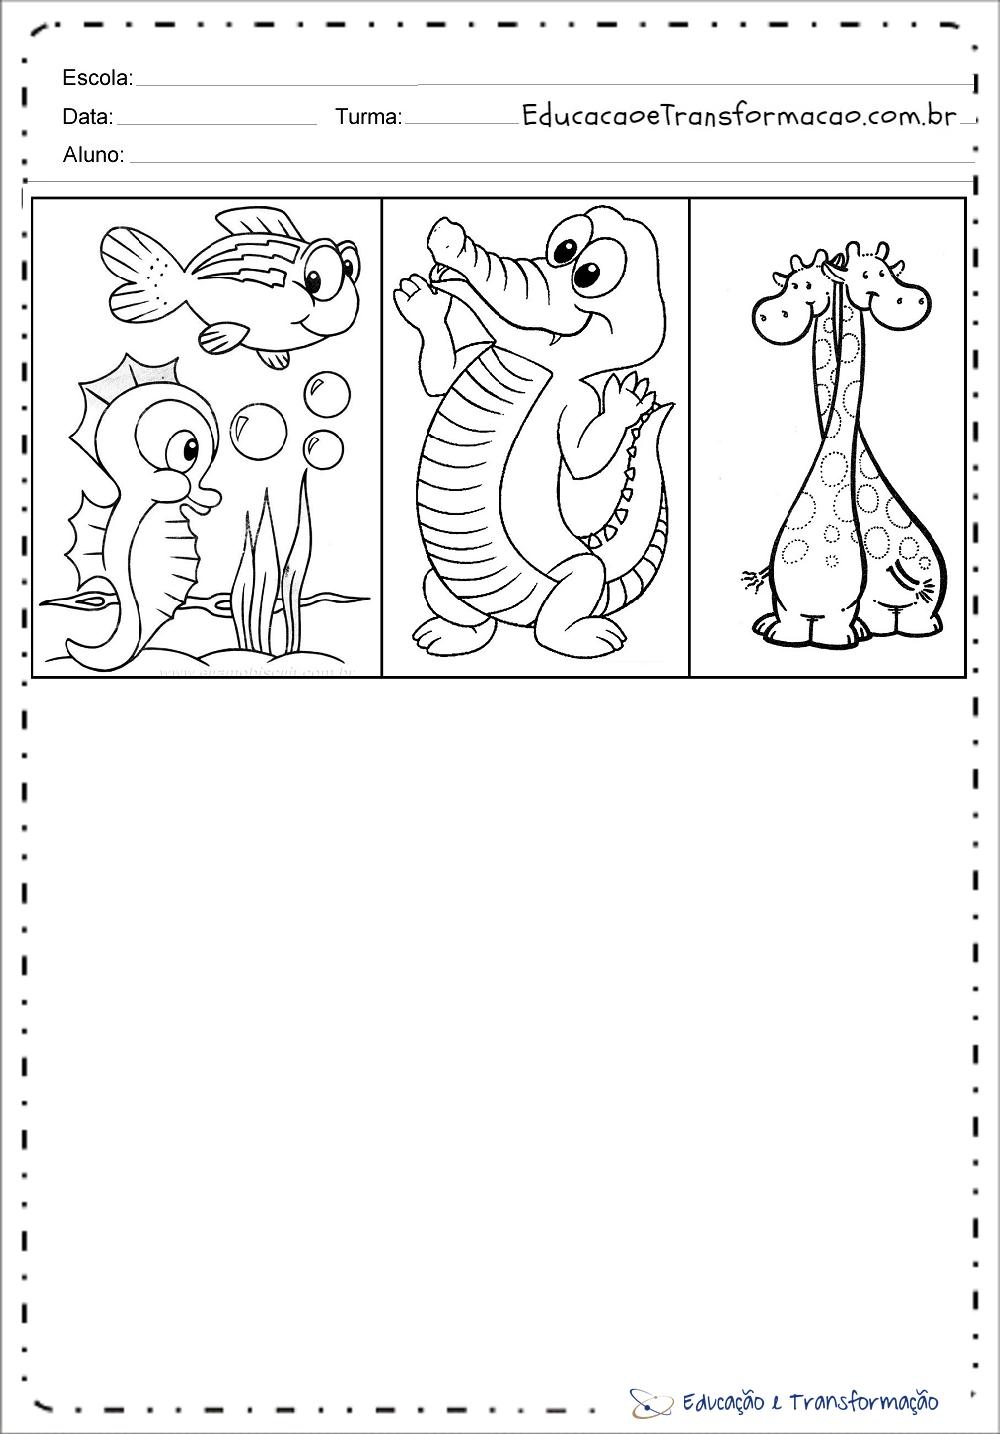 Peixe Jacare E Girafas Para Colorir Educacao E Transformacao